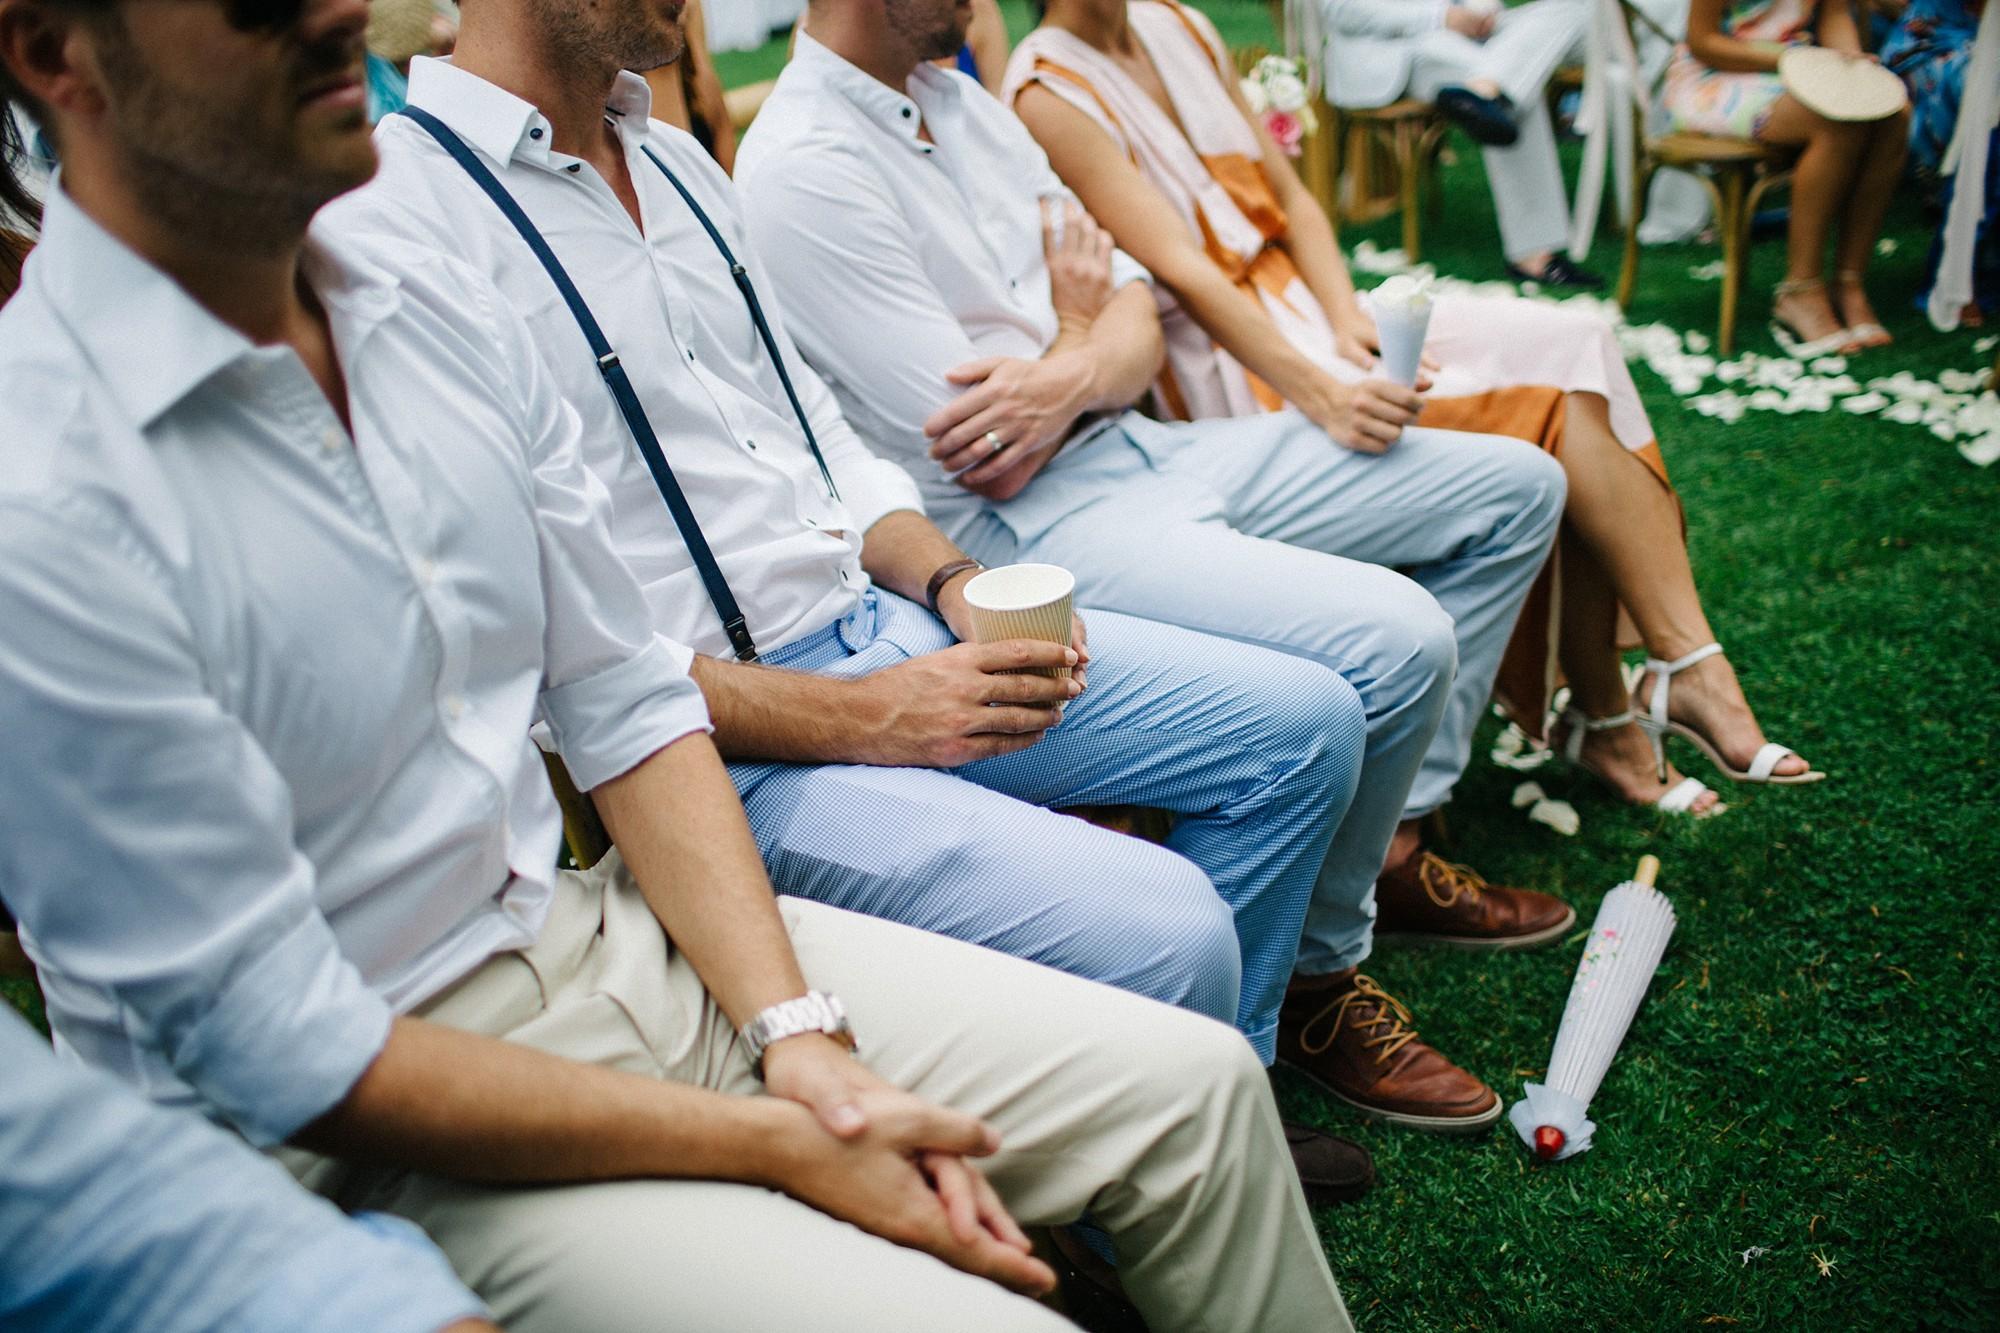 fotografos de boda en valencia barcelona mallorca wedding photographer086.jpg